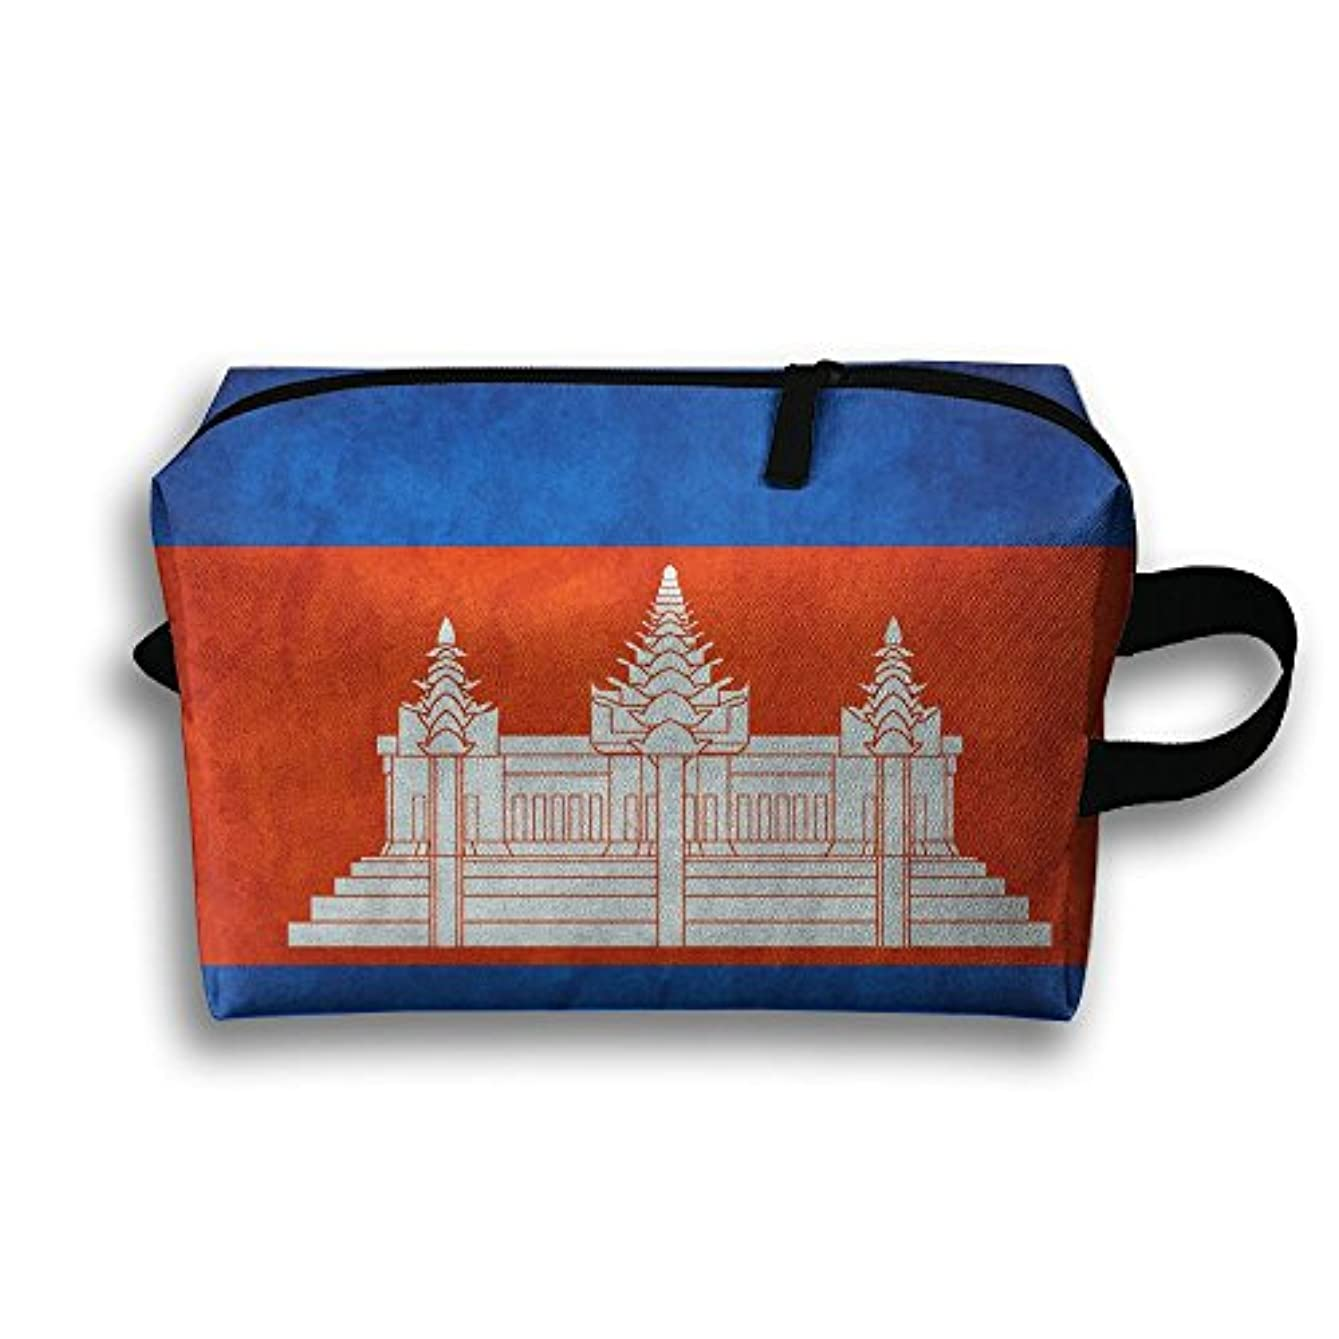 フォーク下手分類するポーチ カンボジアの国旗 旅行用化粧品バッグ スマホアクセサリー ホテル PC周辺小物整理 小物入れ 大容量 軽量 収納 White